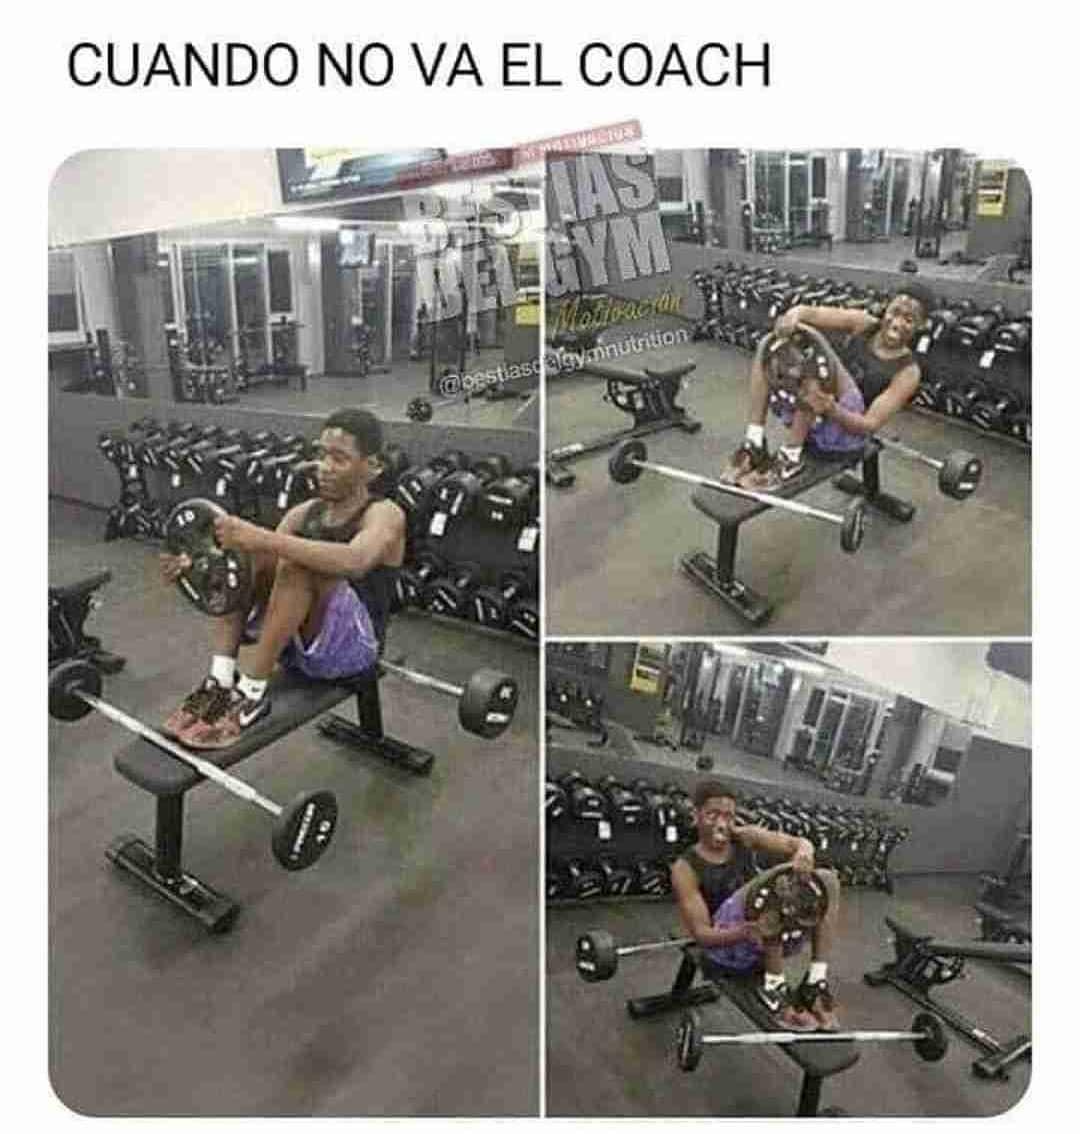 Cuando no va el coach.